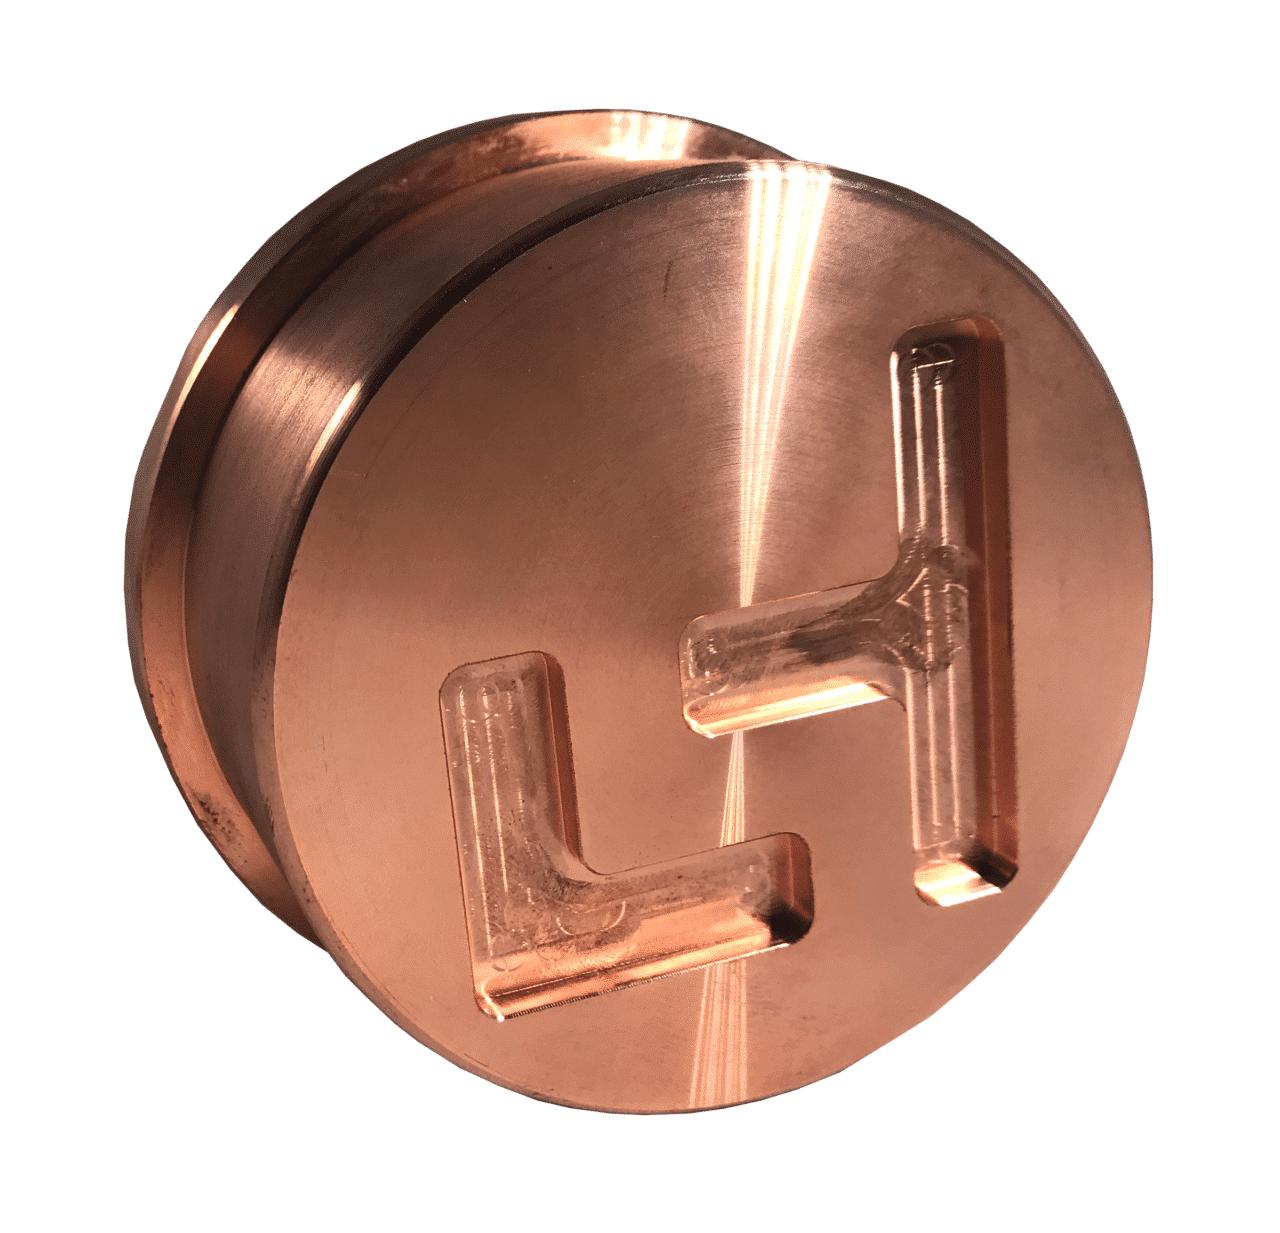 Ihre Drehteile aus Kupfer bei Laserhub bestellen